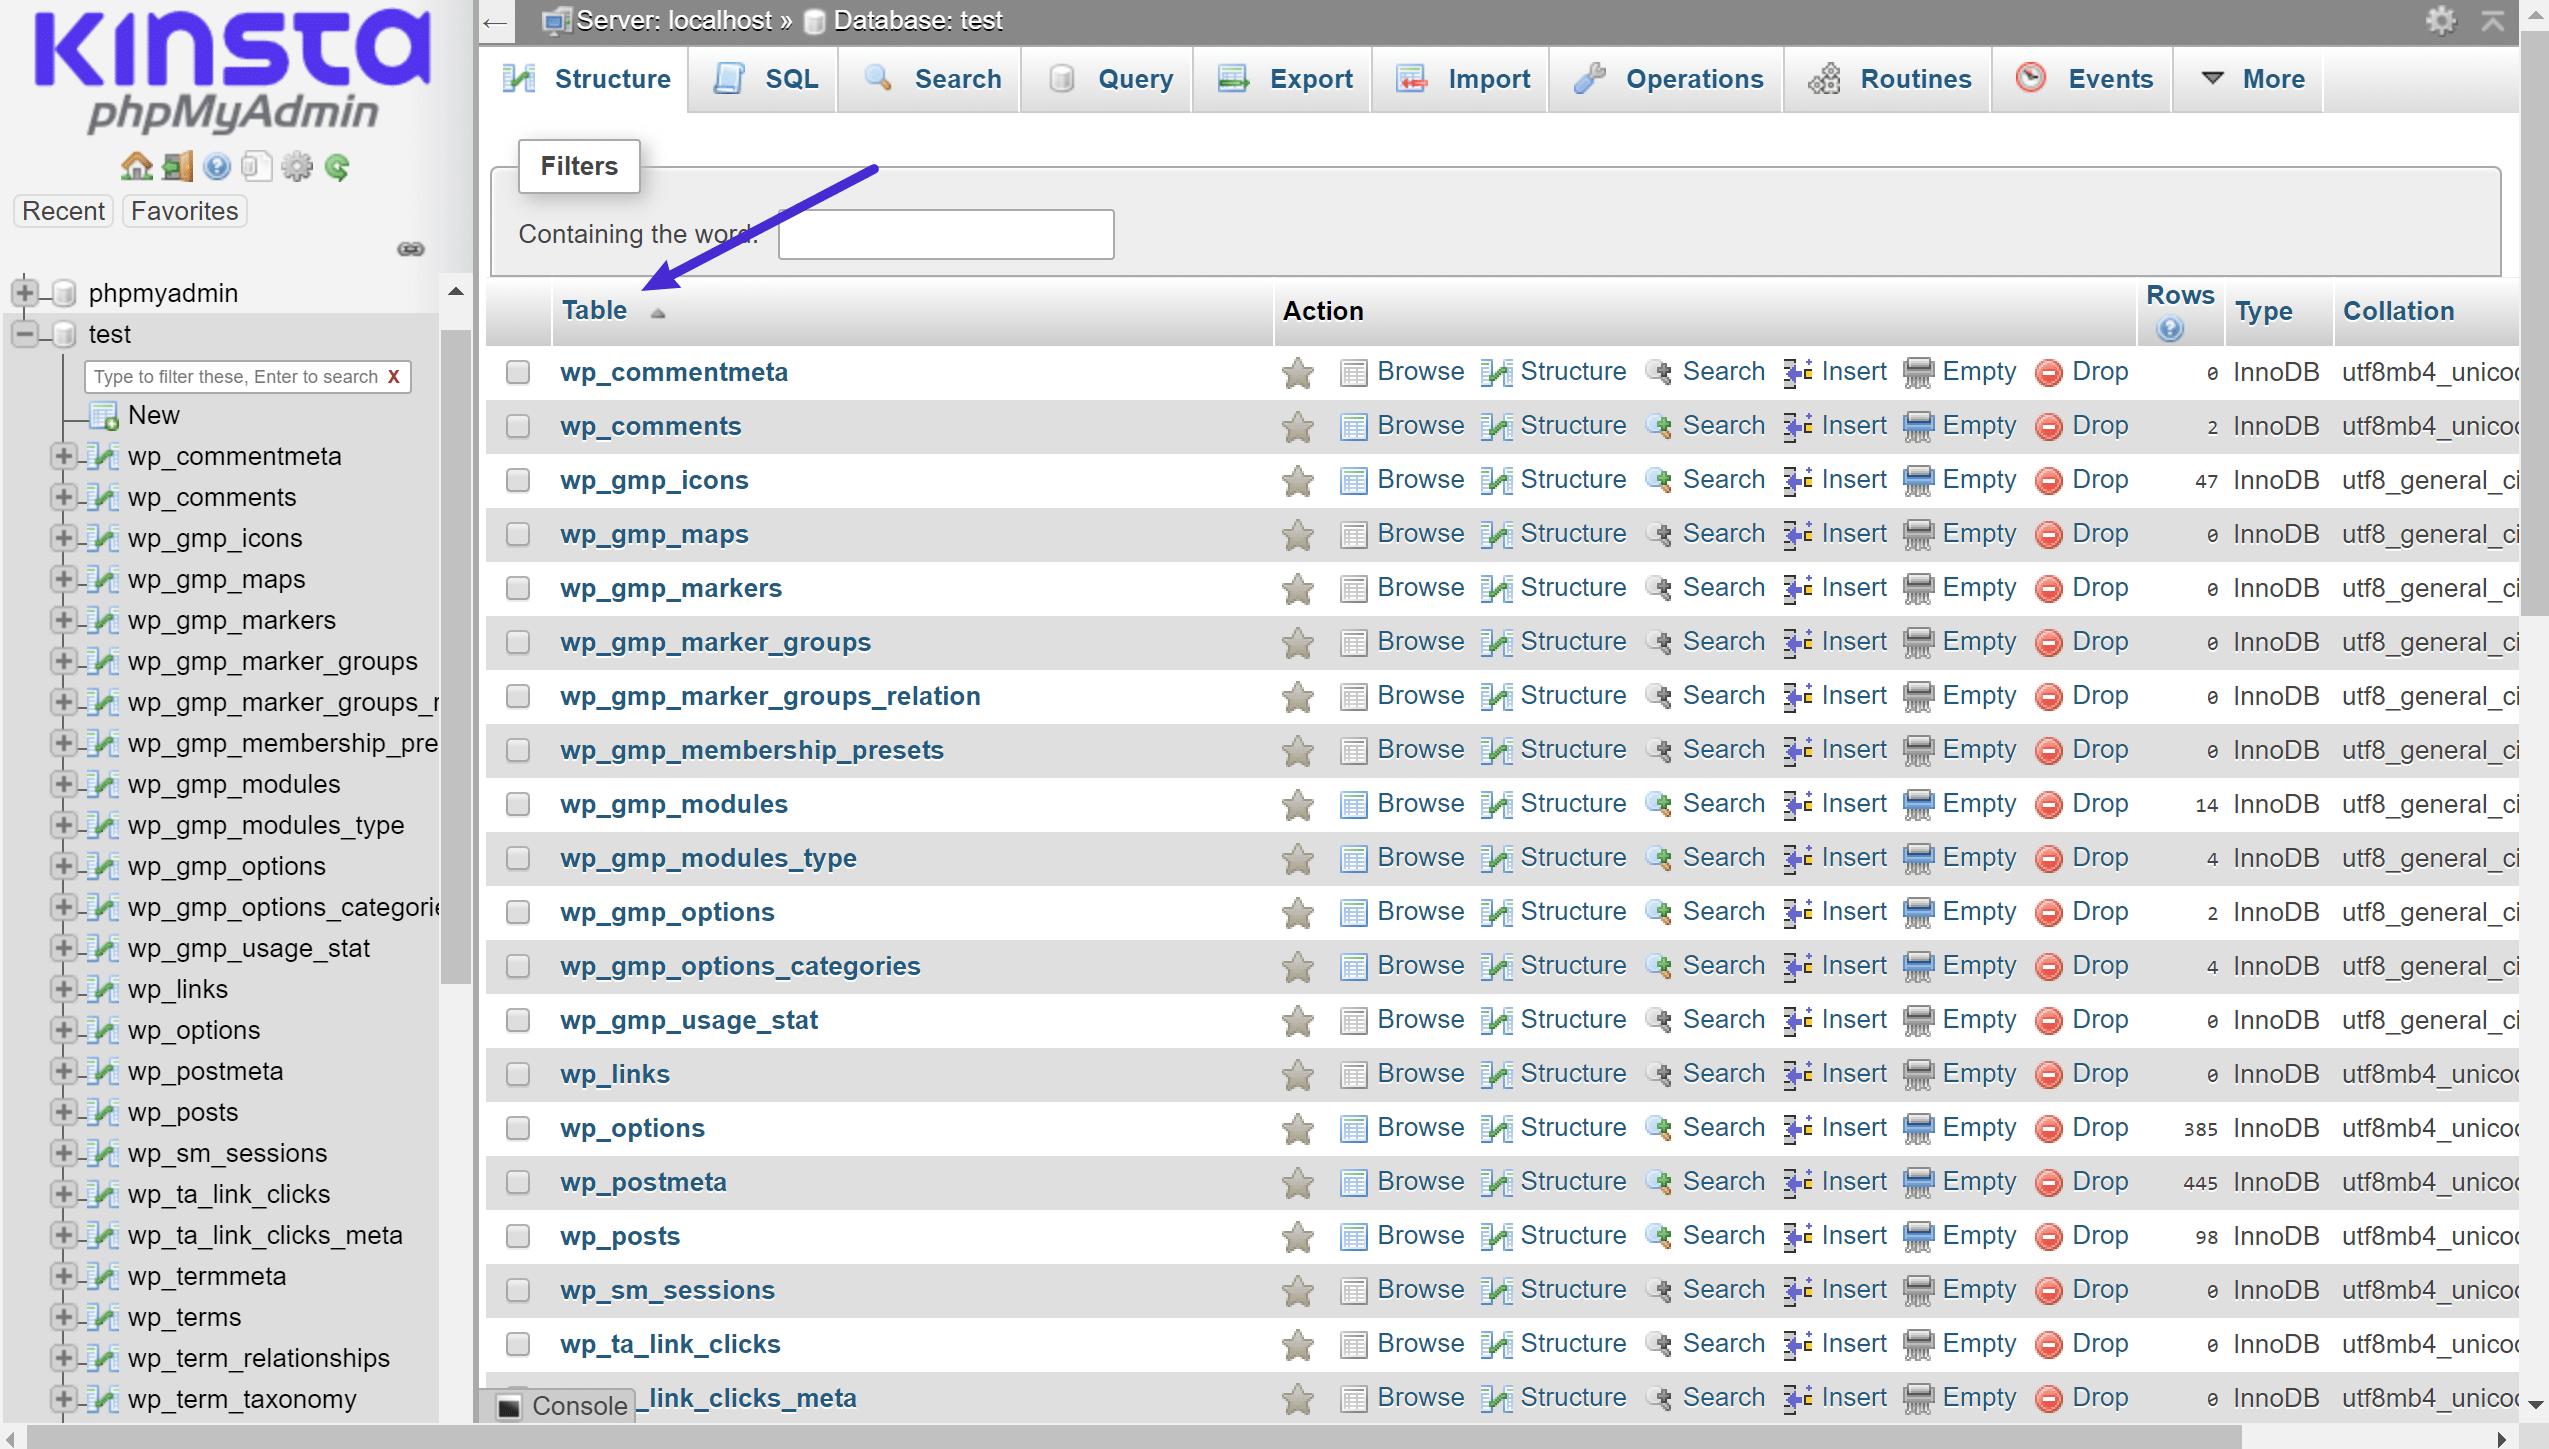 Een voorbeeld van verschillende tabellen in MySQL